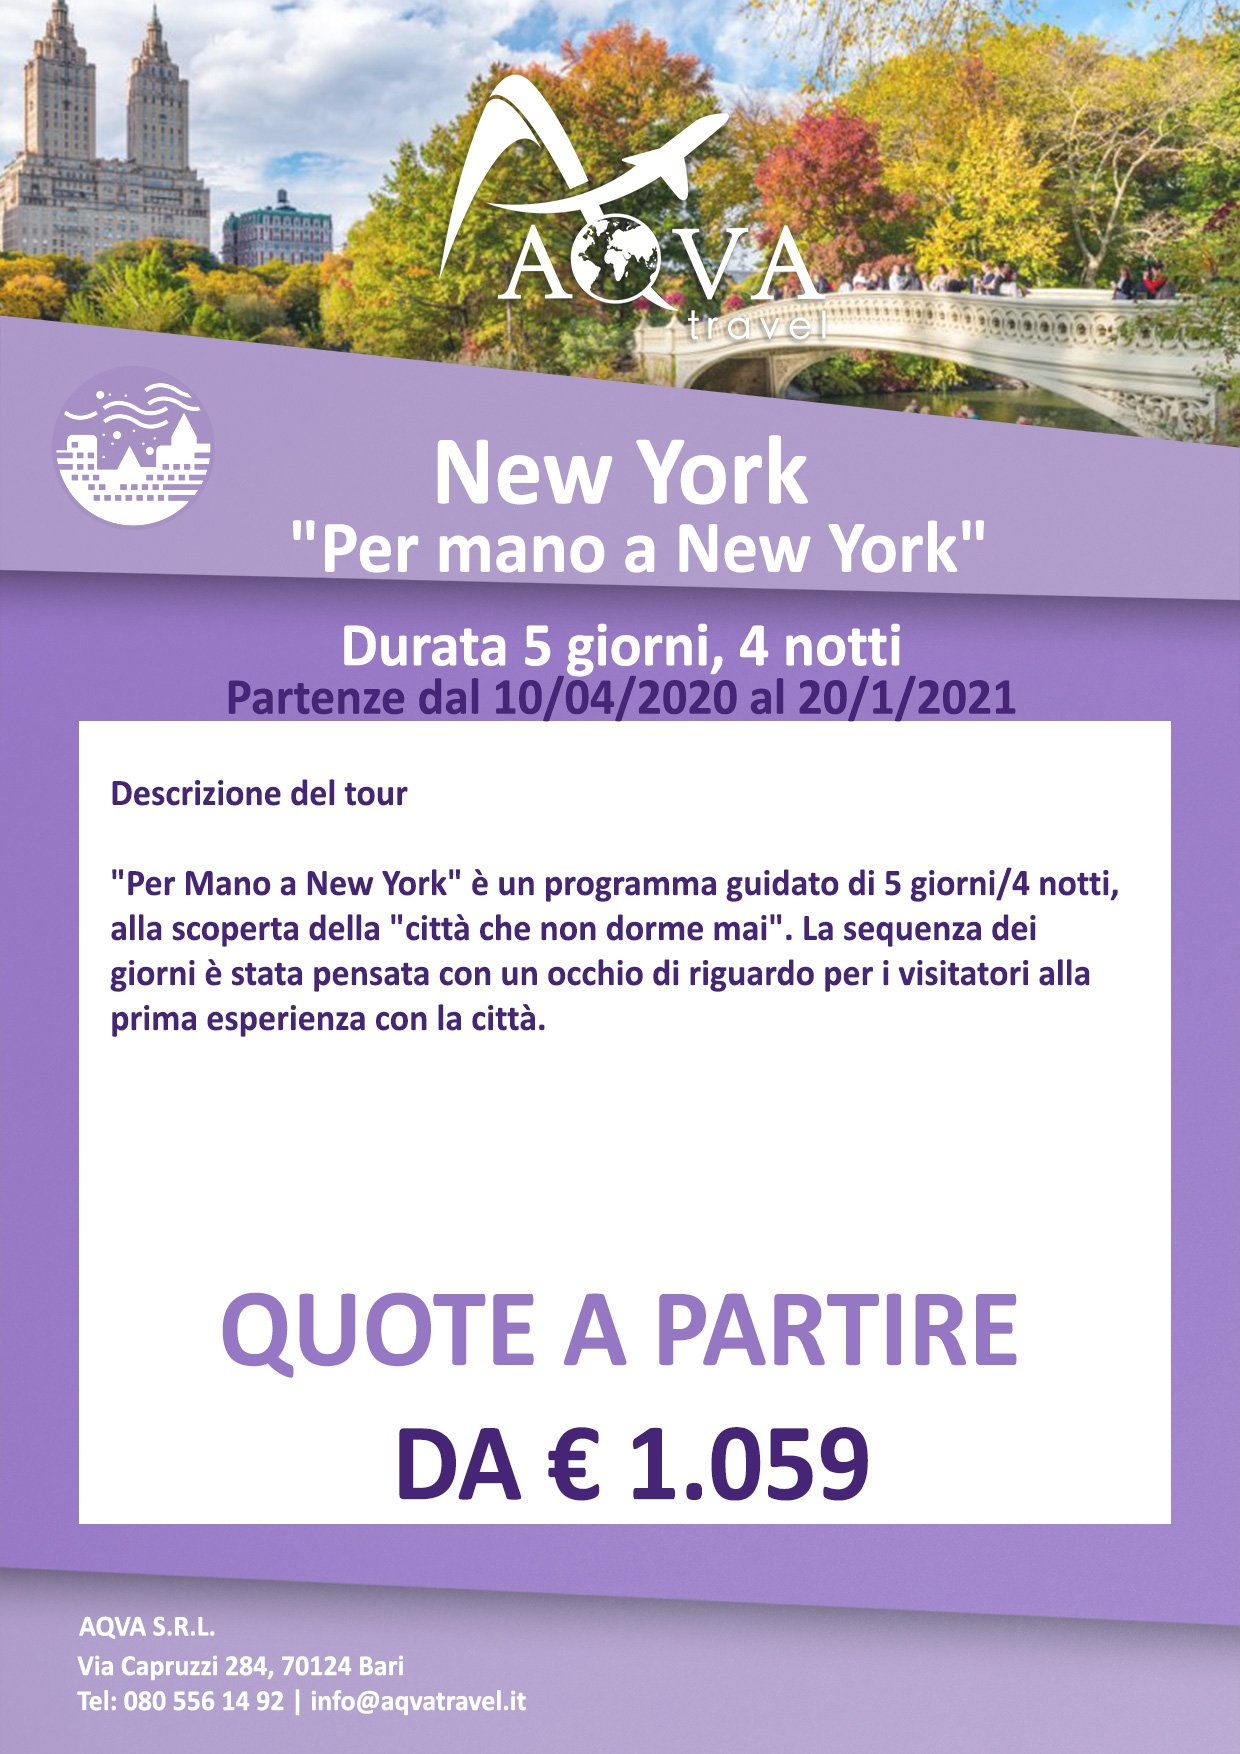 Per-mano-a-New-York-CITTà-offerte-agenzia-di-viaggi-Bari-AQVATRAVEL-it